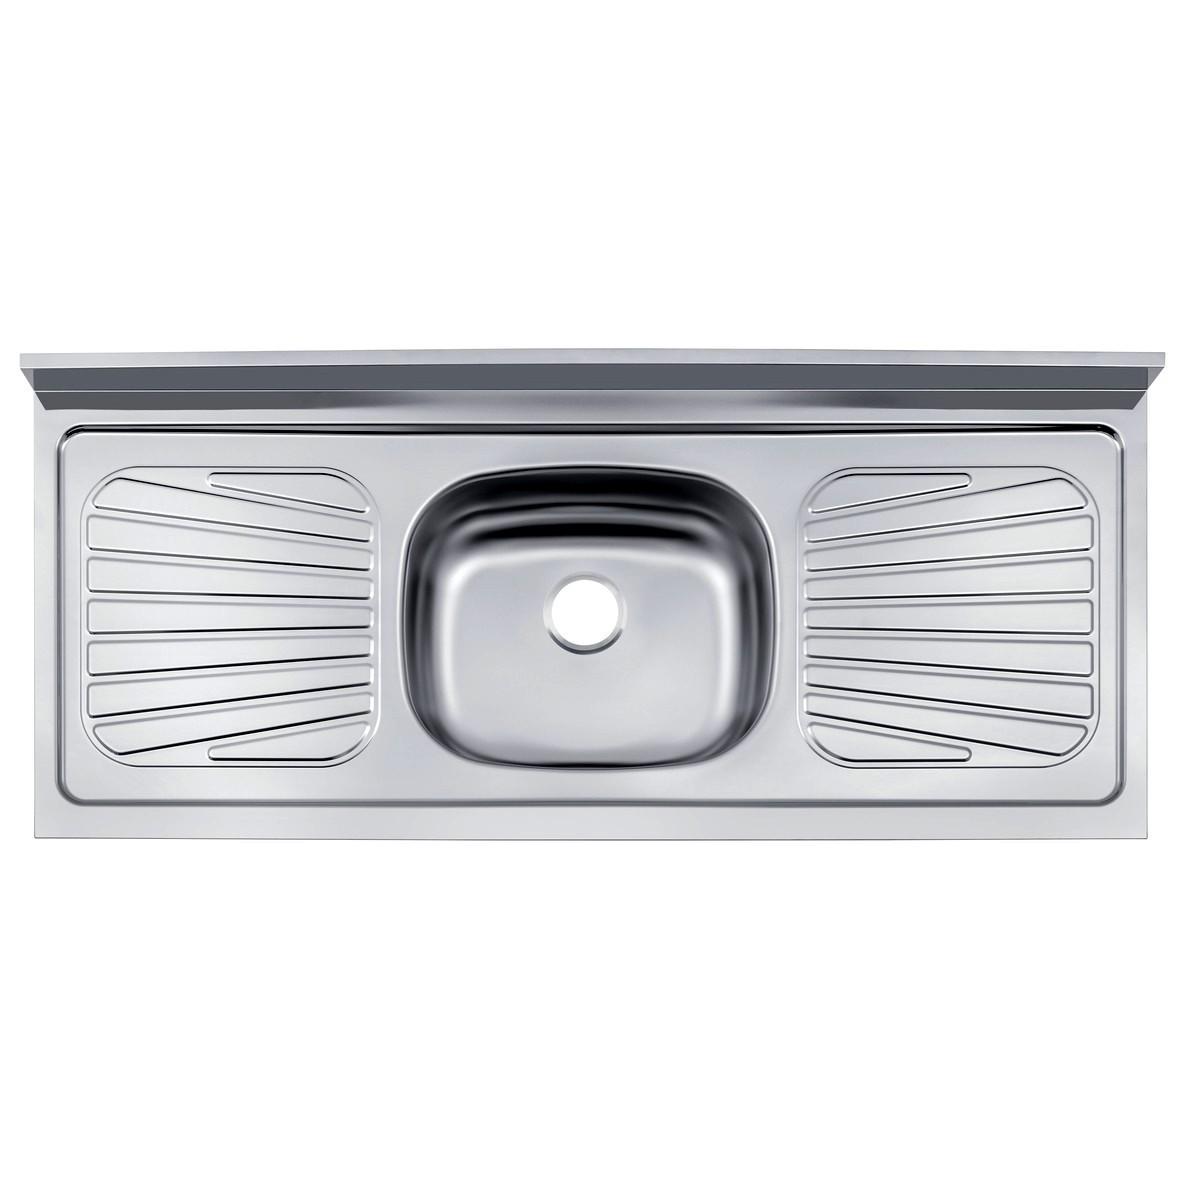 Pia de Cozinha Aço Inox 430 sem Válvula 93041/506/556 120x52cm Tramontina